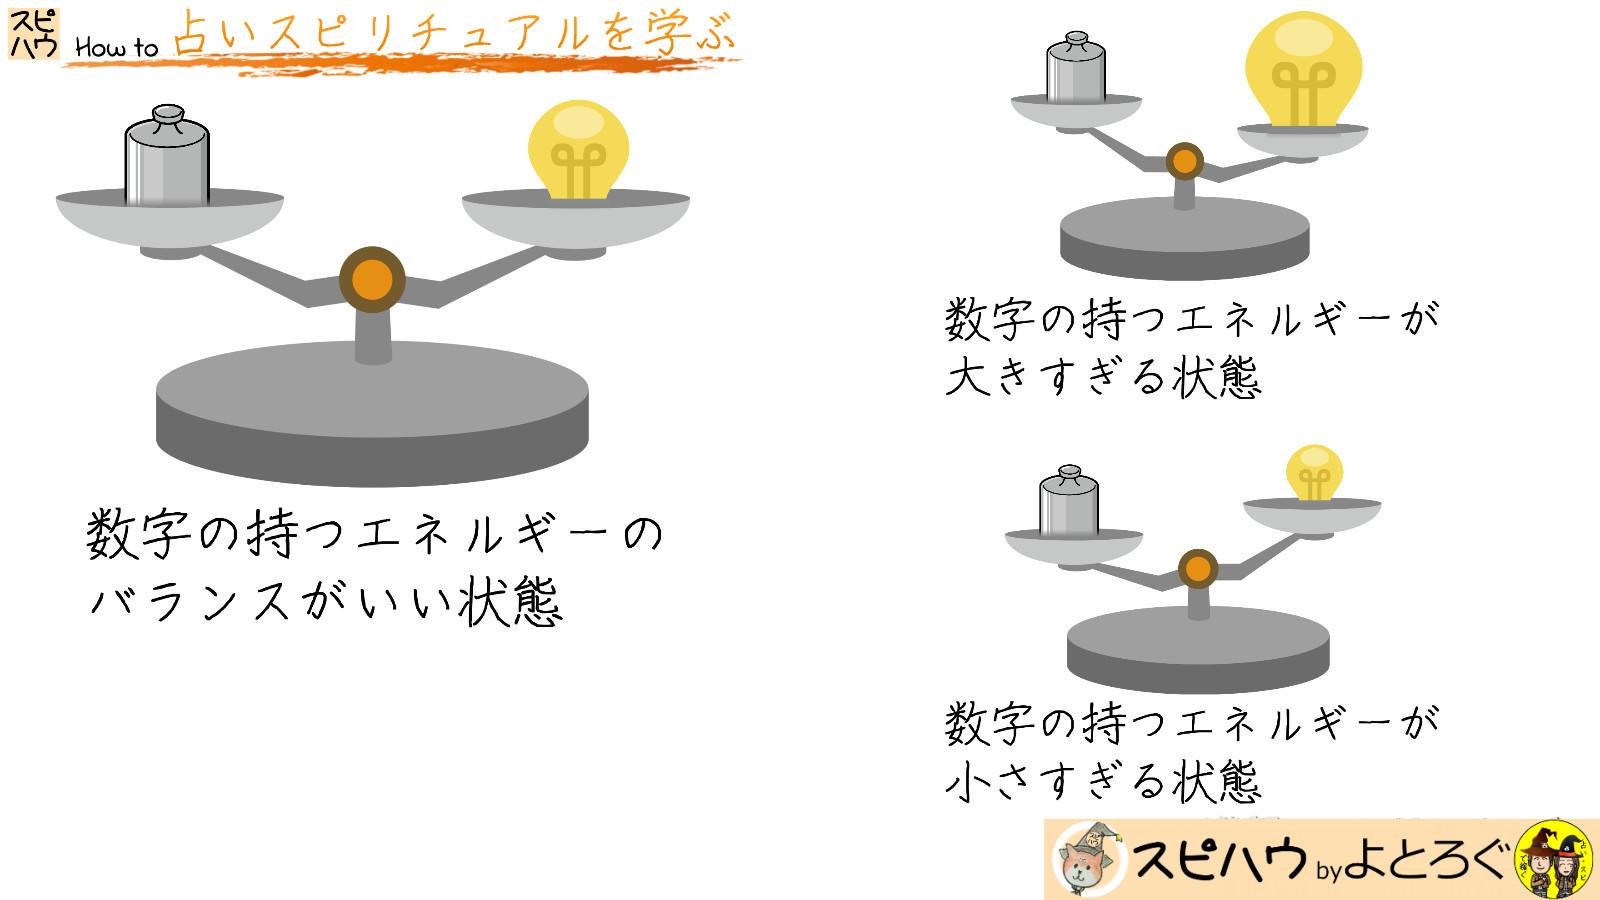 エネルギーのバランスの説明画像